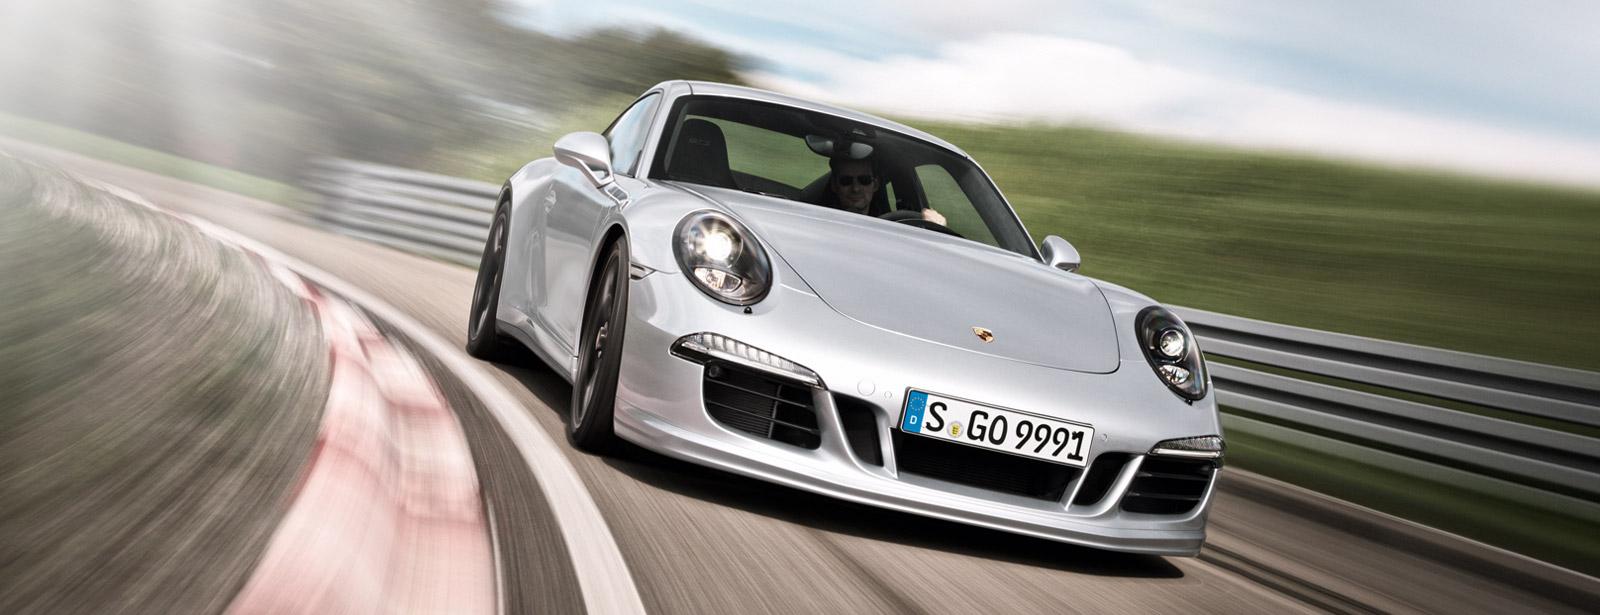 430 Best Porsche design images | Porsche design, Porsche, Design